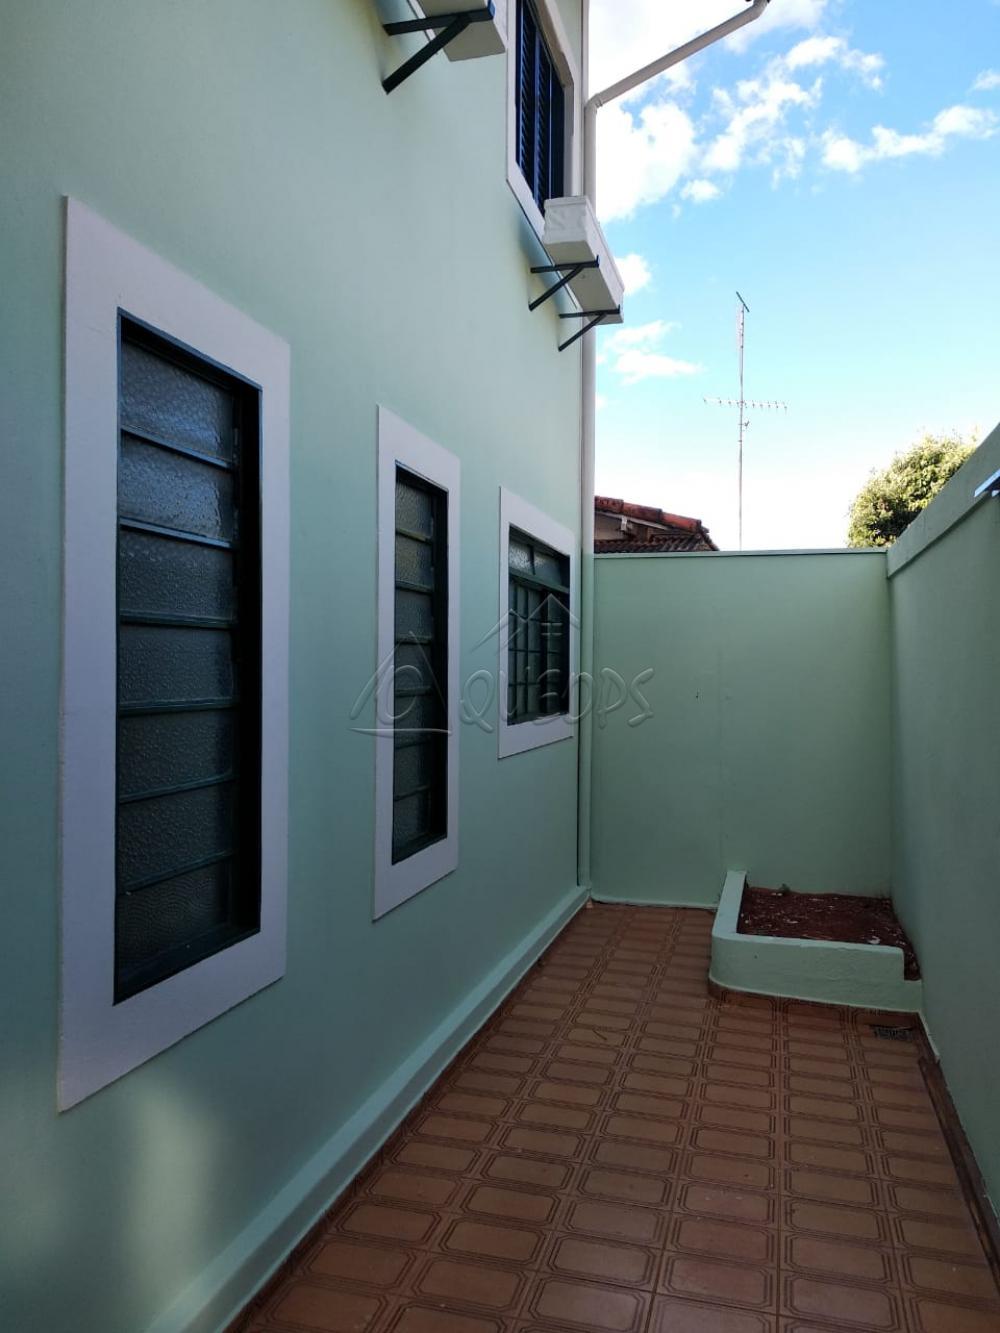 Alugar Casa / Sobrado em Barretos apenas R$ 1.100,00 - Foto 3